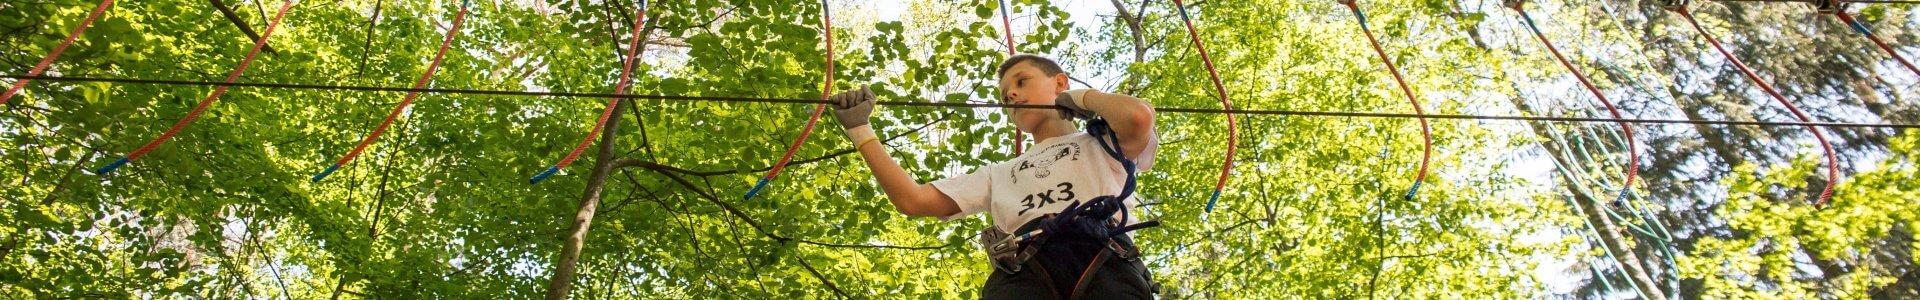 aktyvios pramogos Tarzanijoje 8